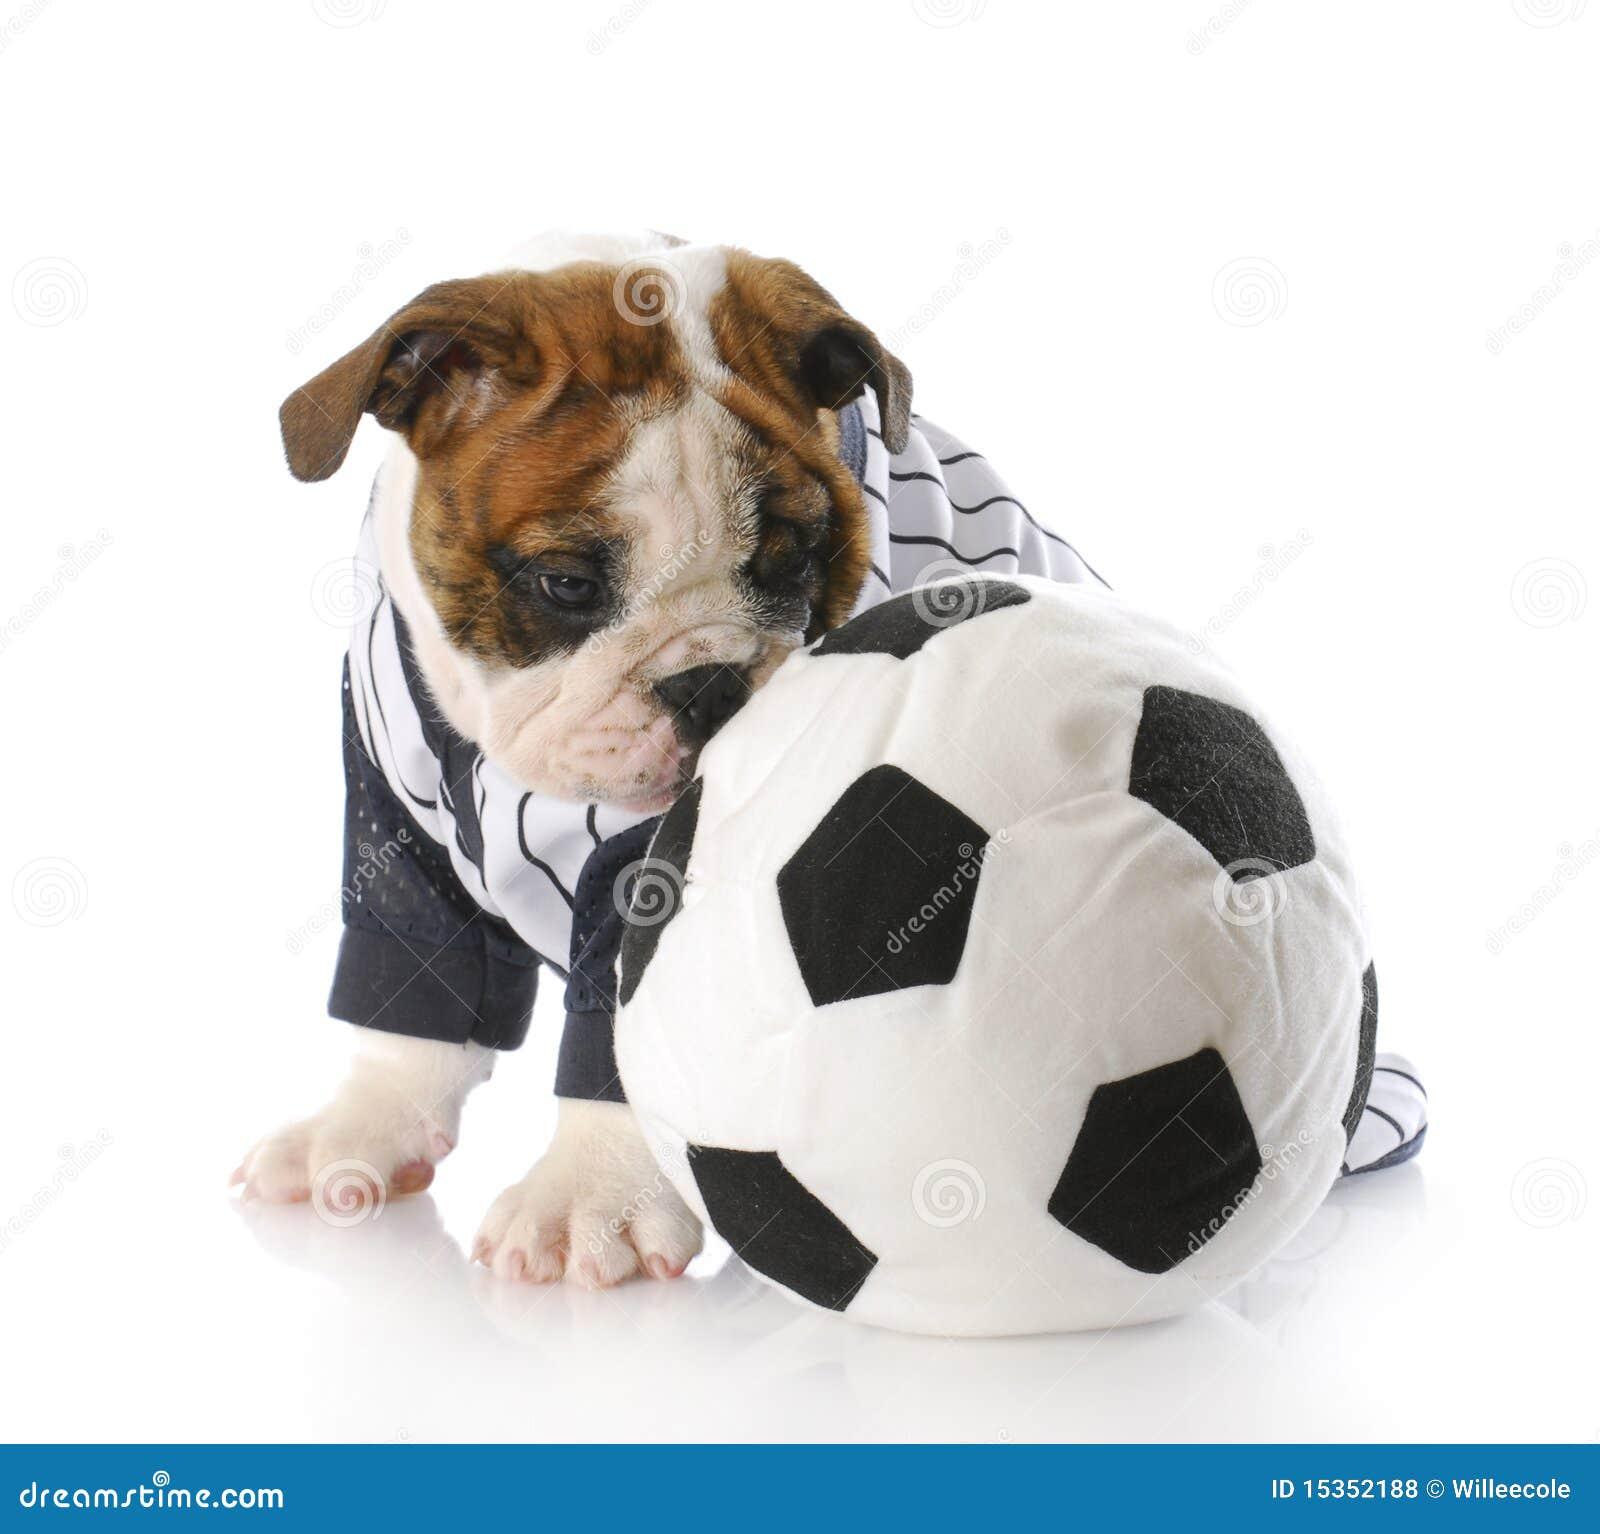 球小狗足球 免版税库存照片图片